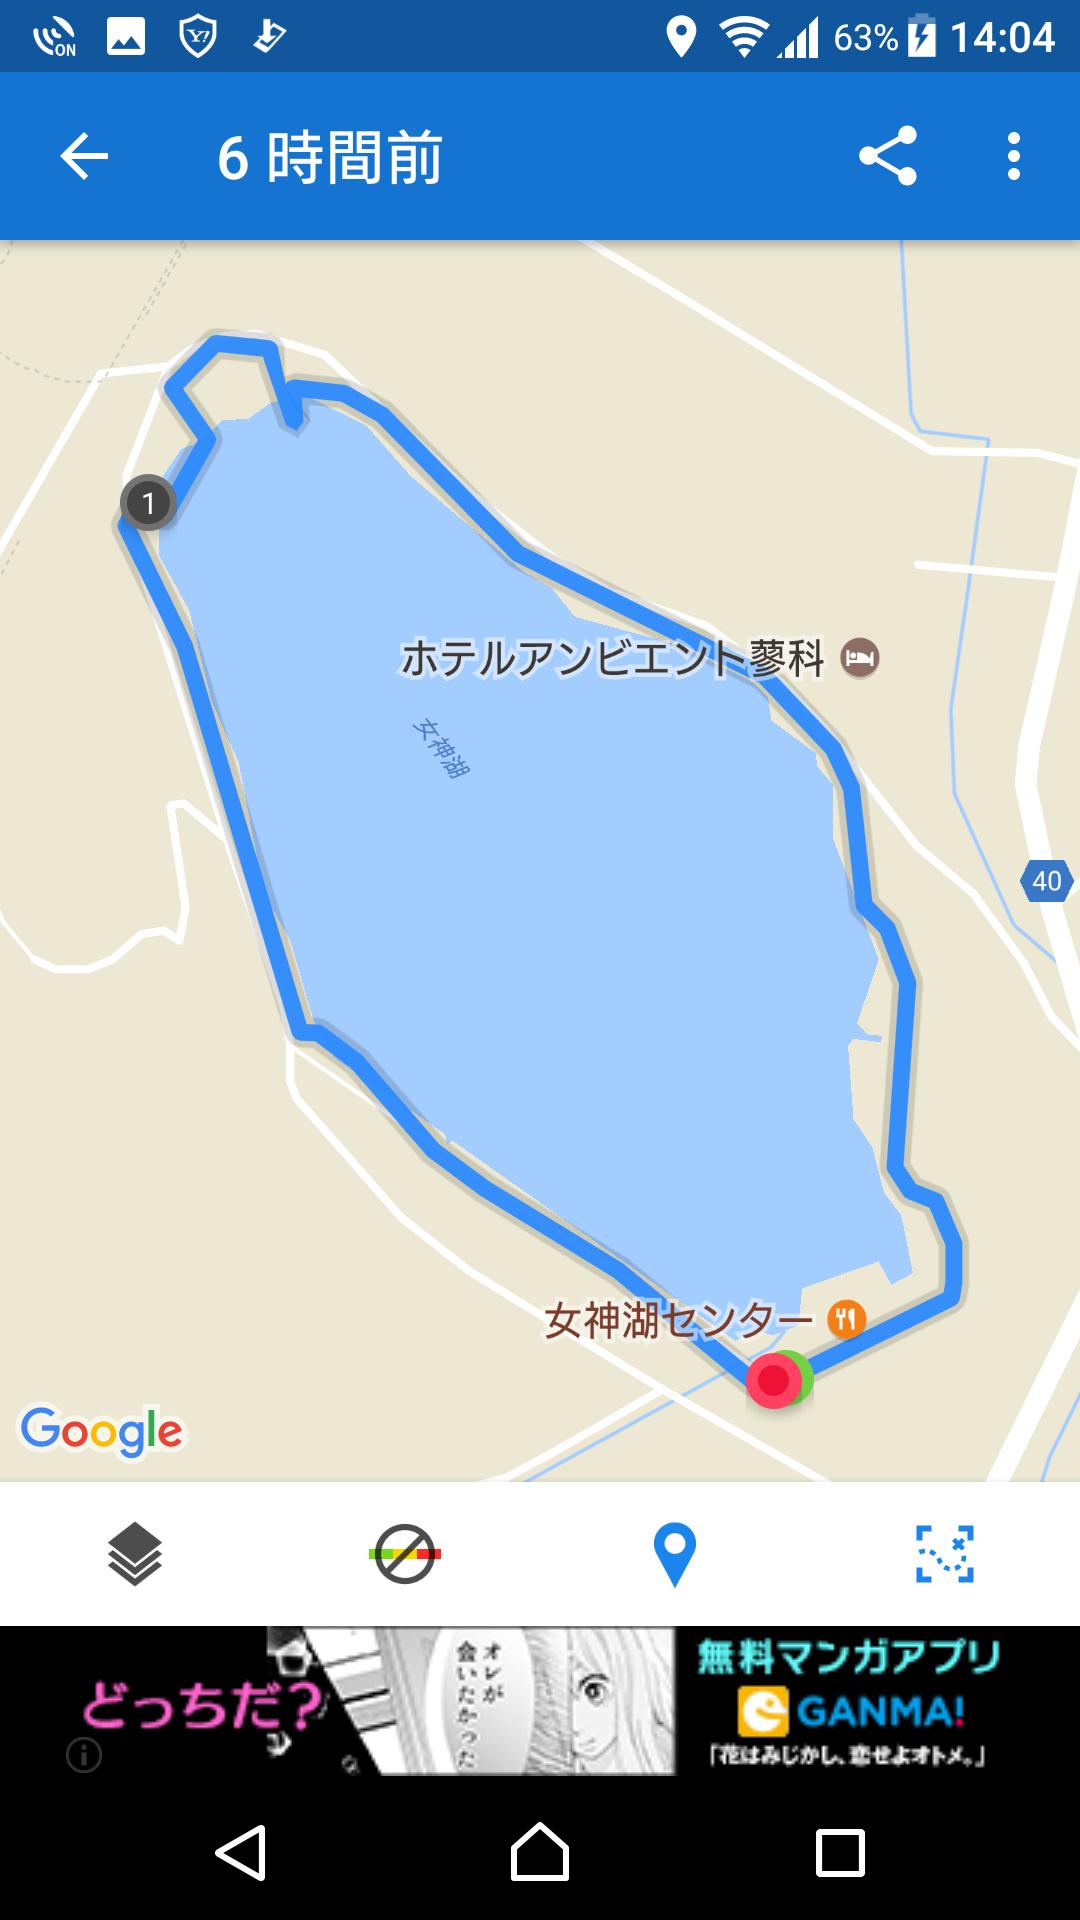 f:id:ynakayama27:20170526144154p:plain